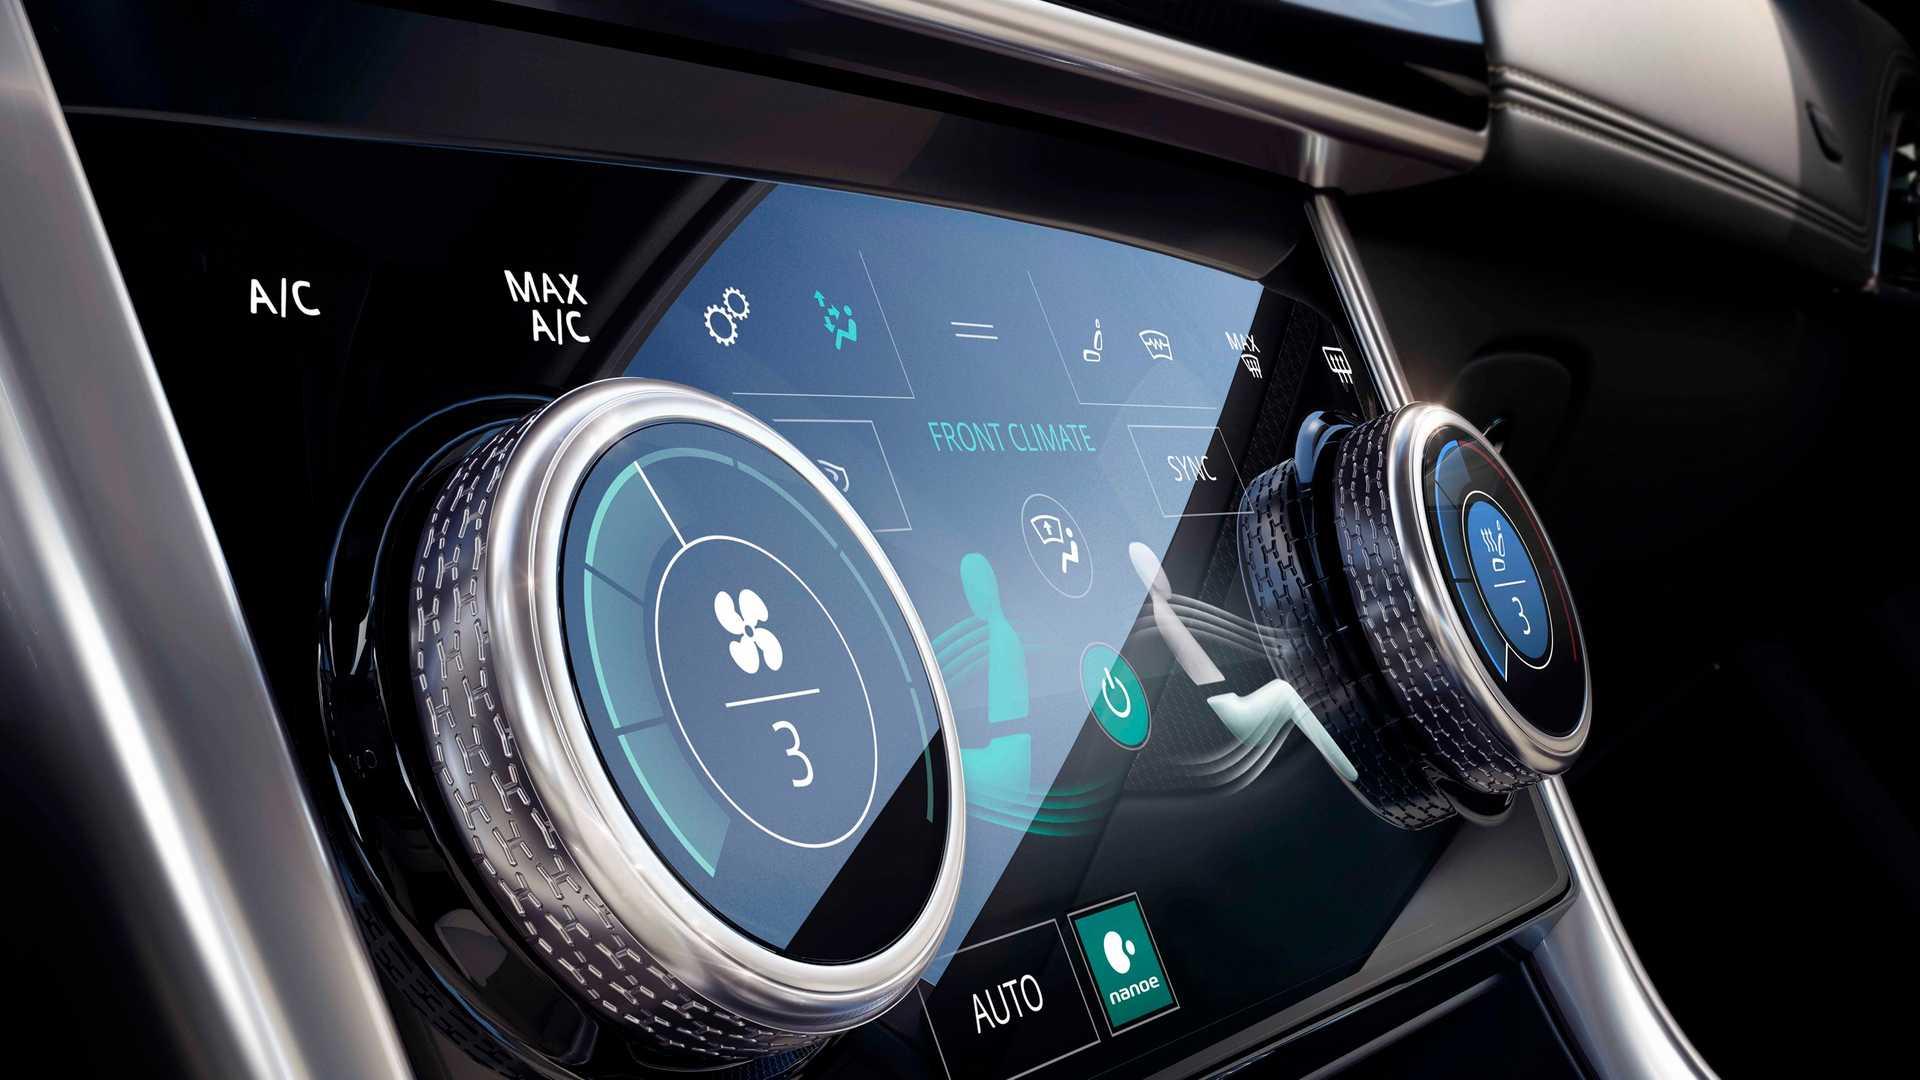 Главный дизайнер Jaguar раскритиковал моду на сенсорные экраны в машинах 2